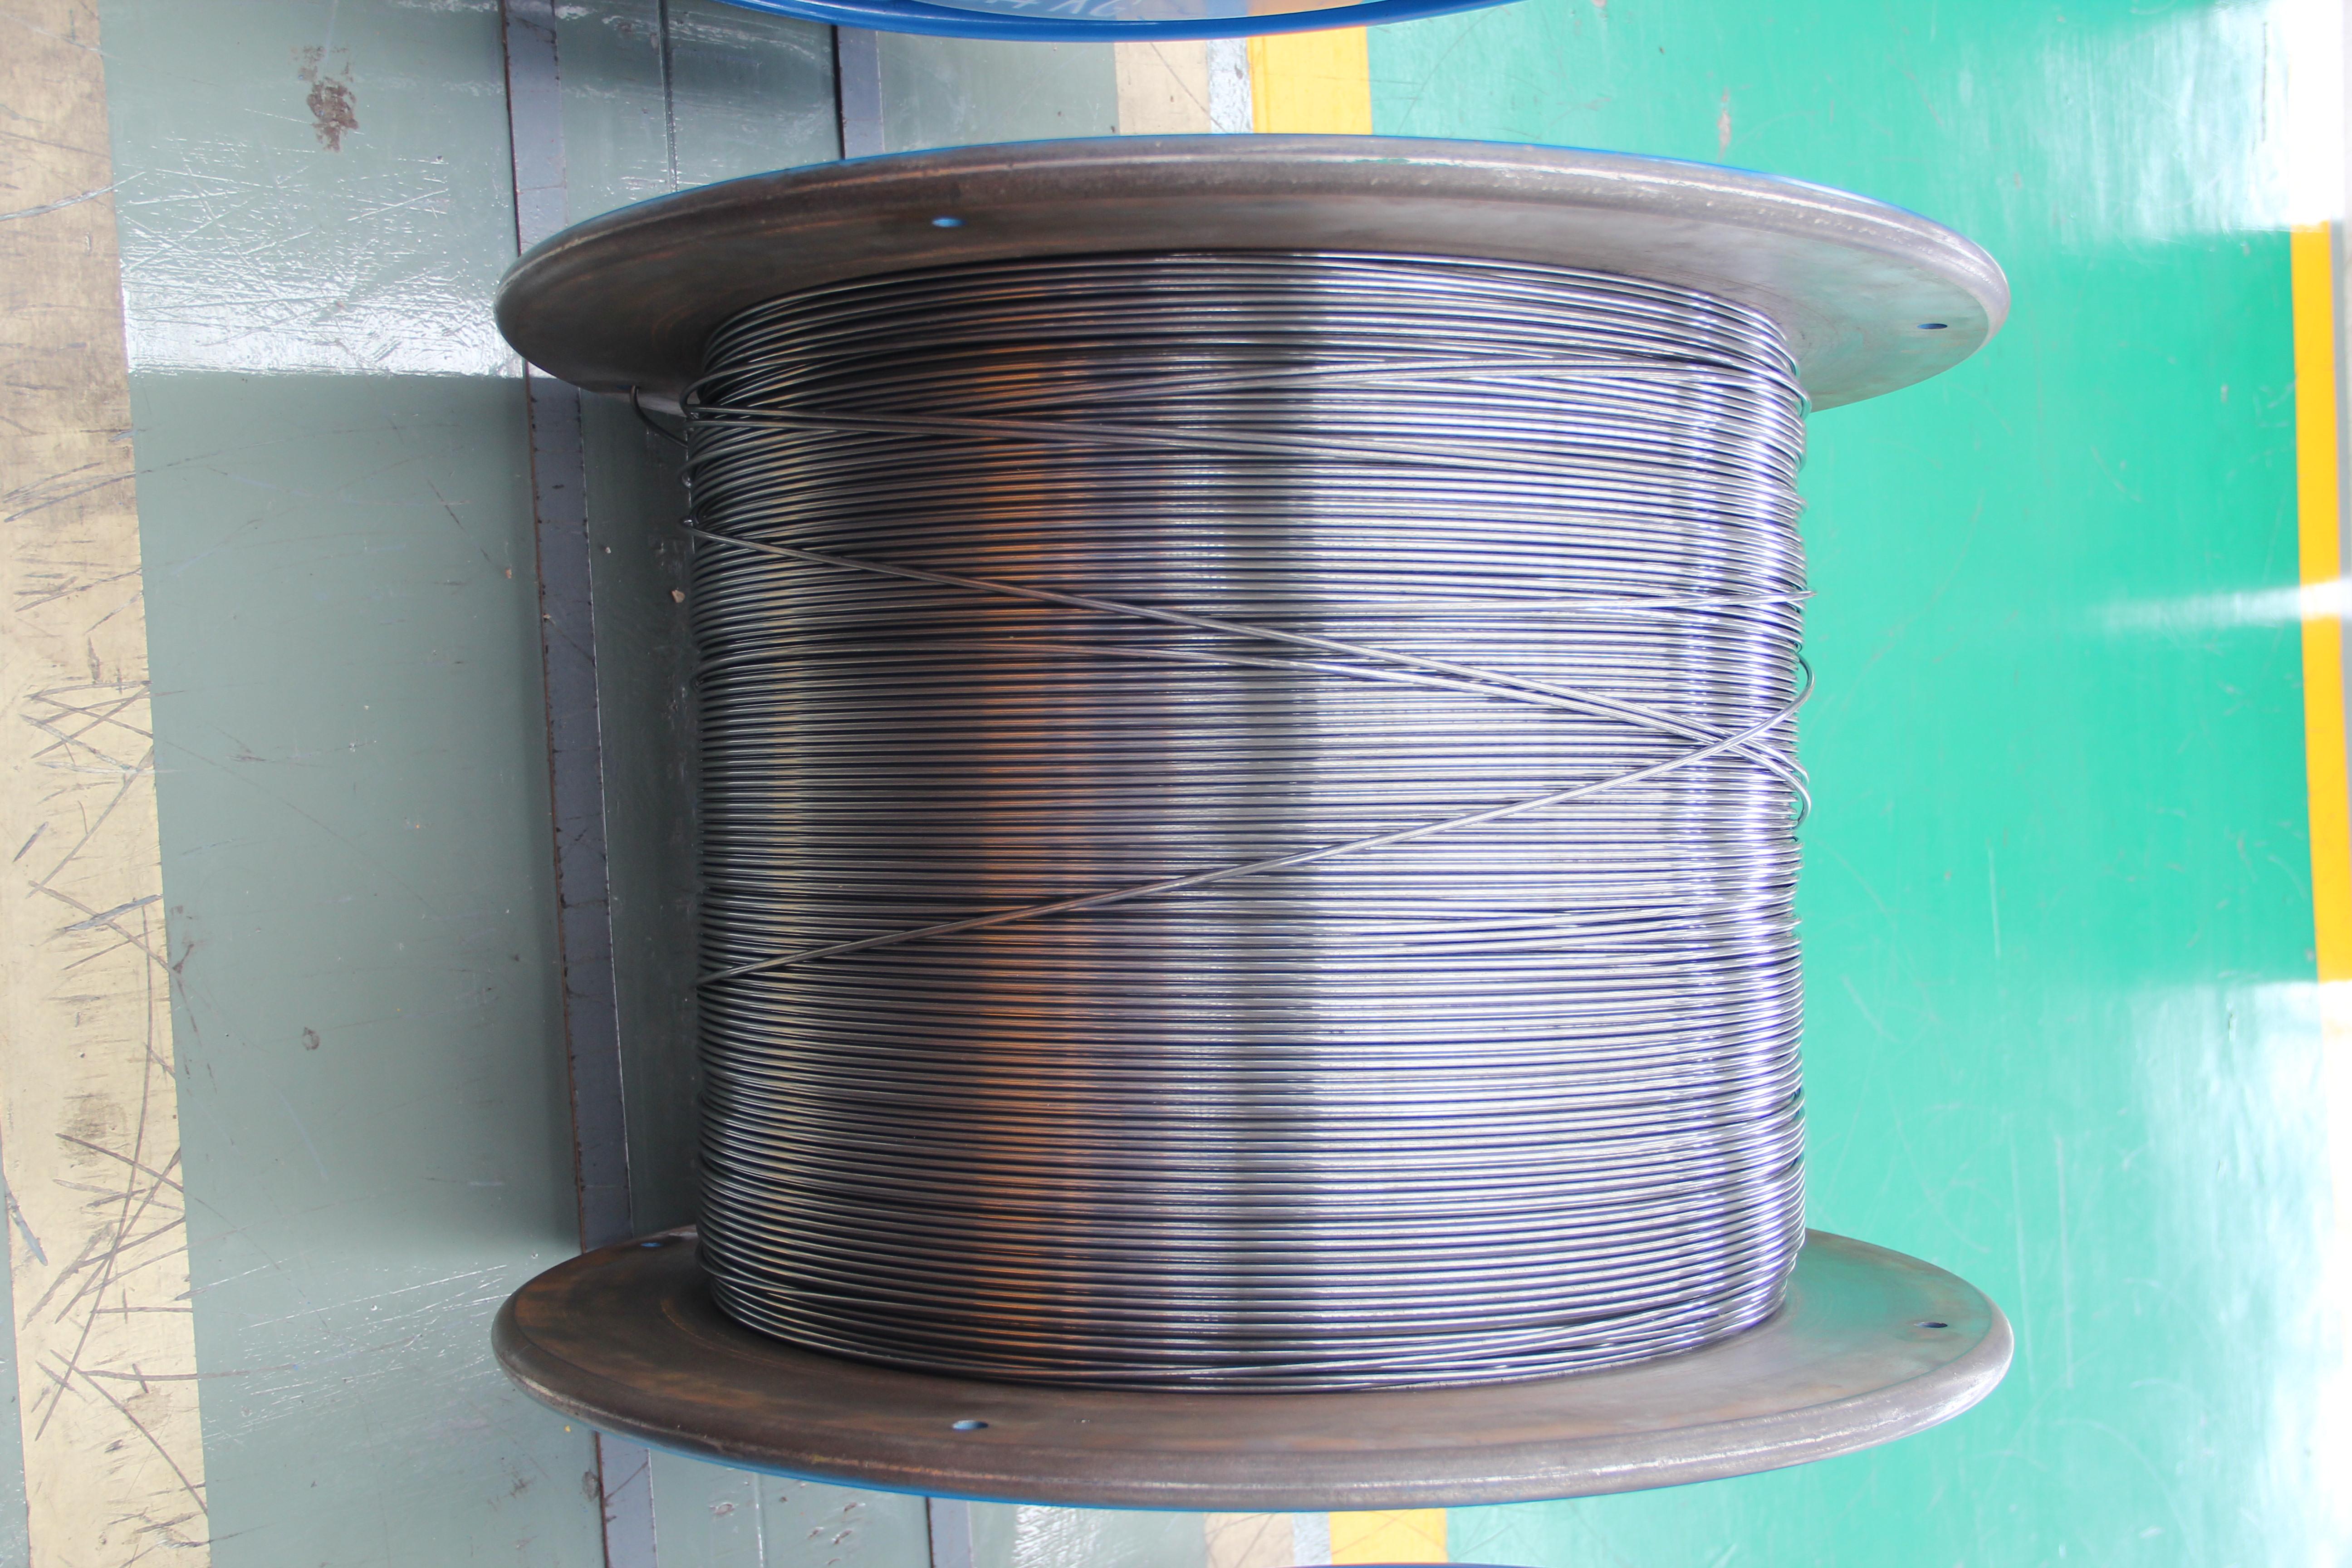 上海M42厂家直销/上海高速钢厂家/上海M42双金属扁丝/M42厂家直销/1.3247钢丝